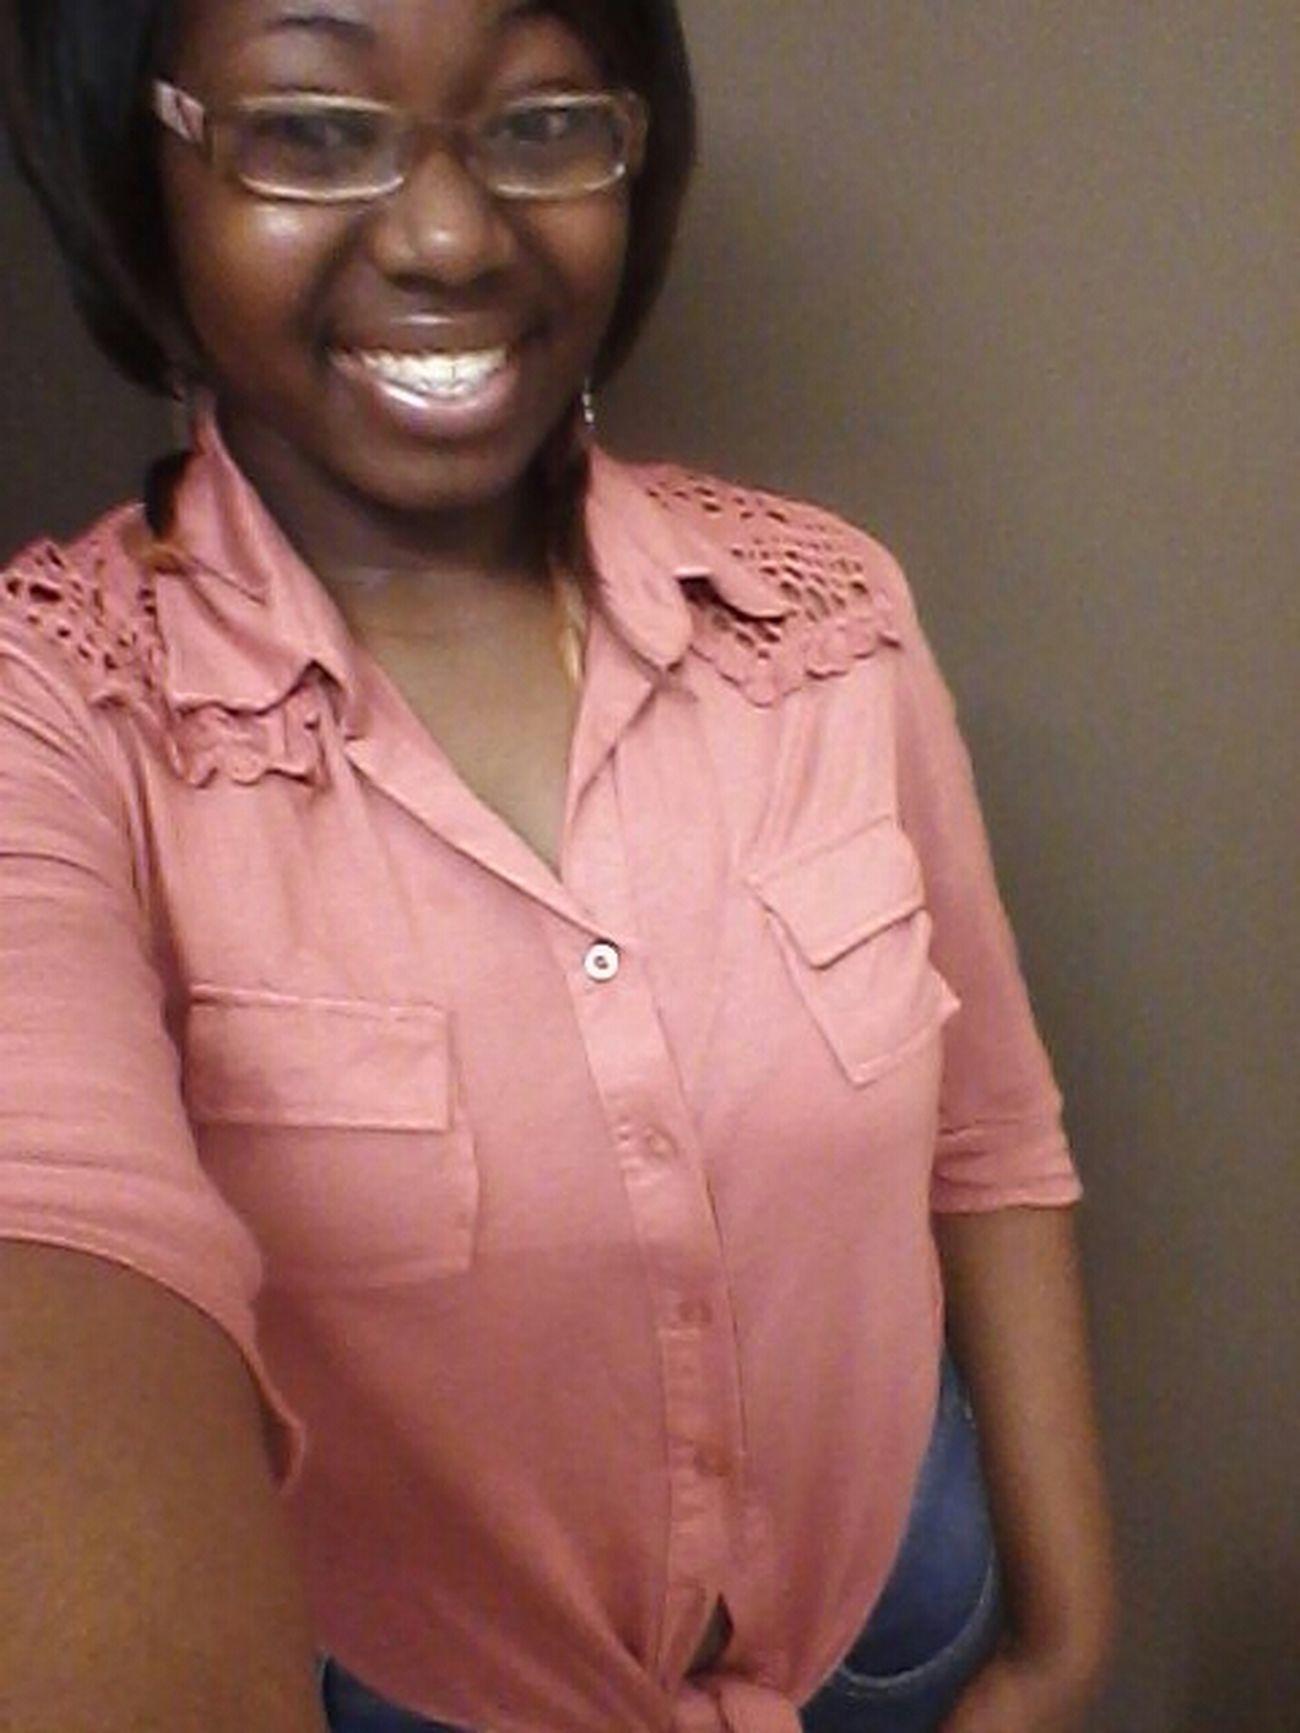 #yesterday #peach #smileit'scontagious :)